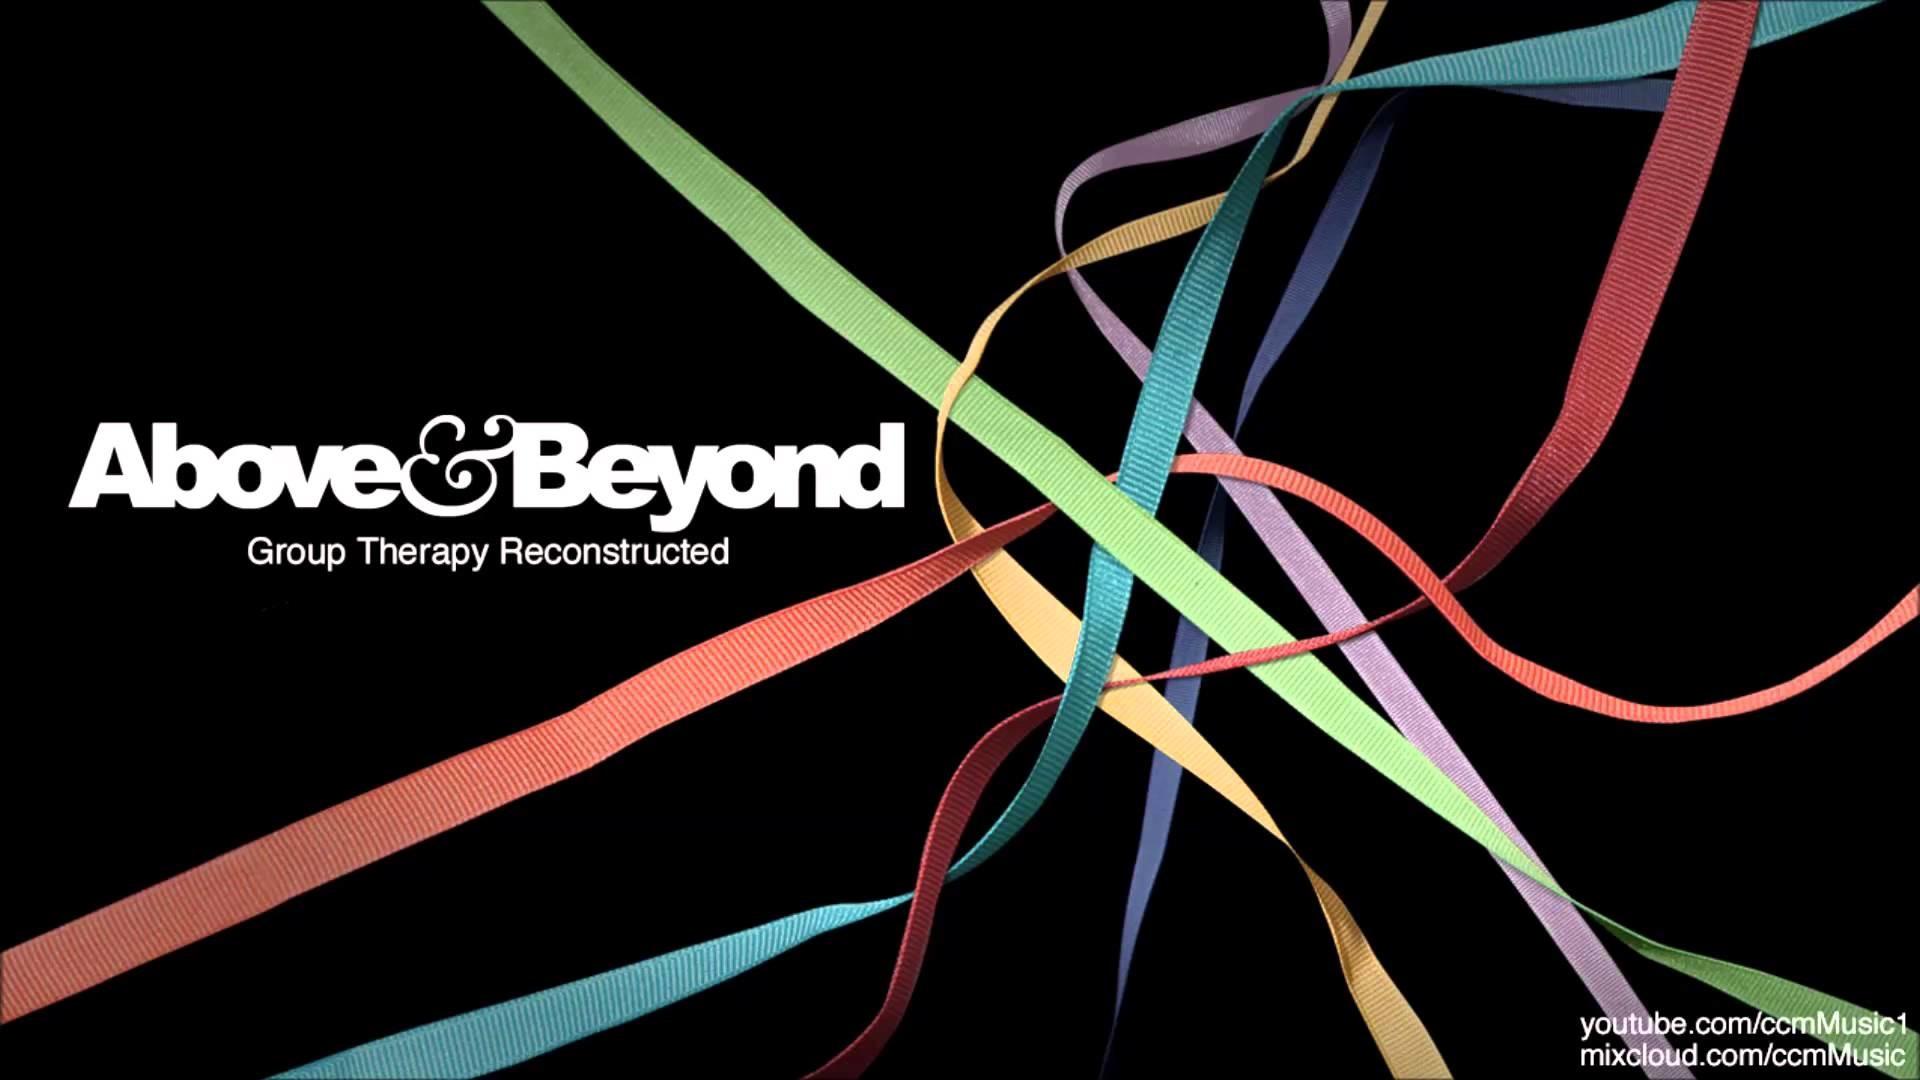 Batman Beyond Wallpapers, Top 40 Quality Cool Batman Beyond .